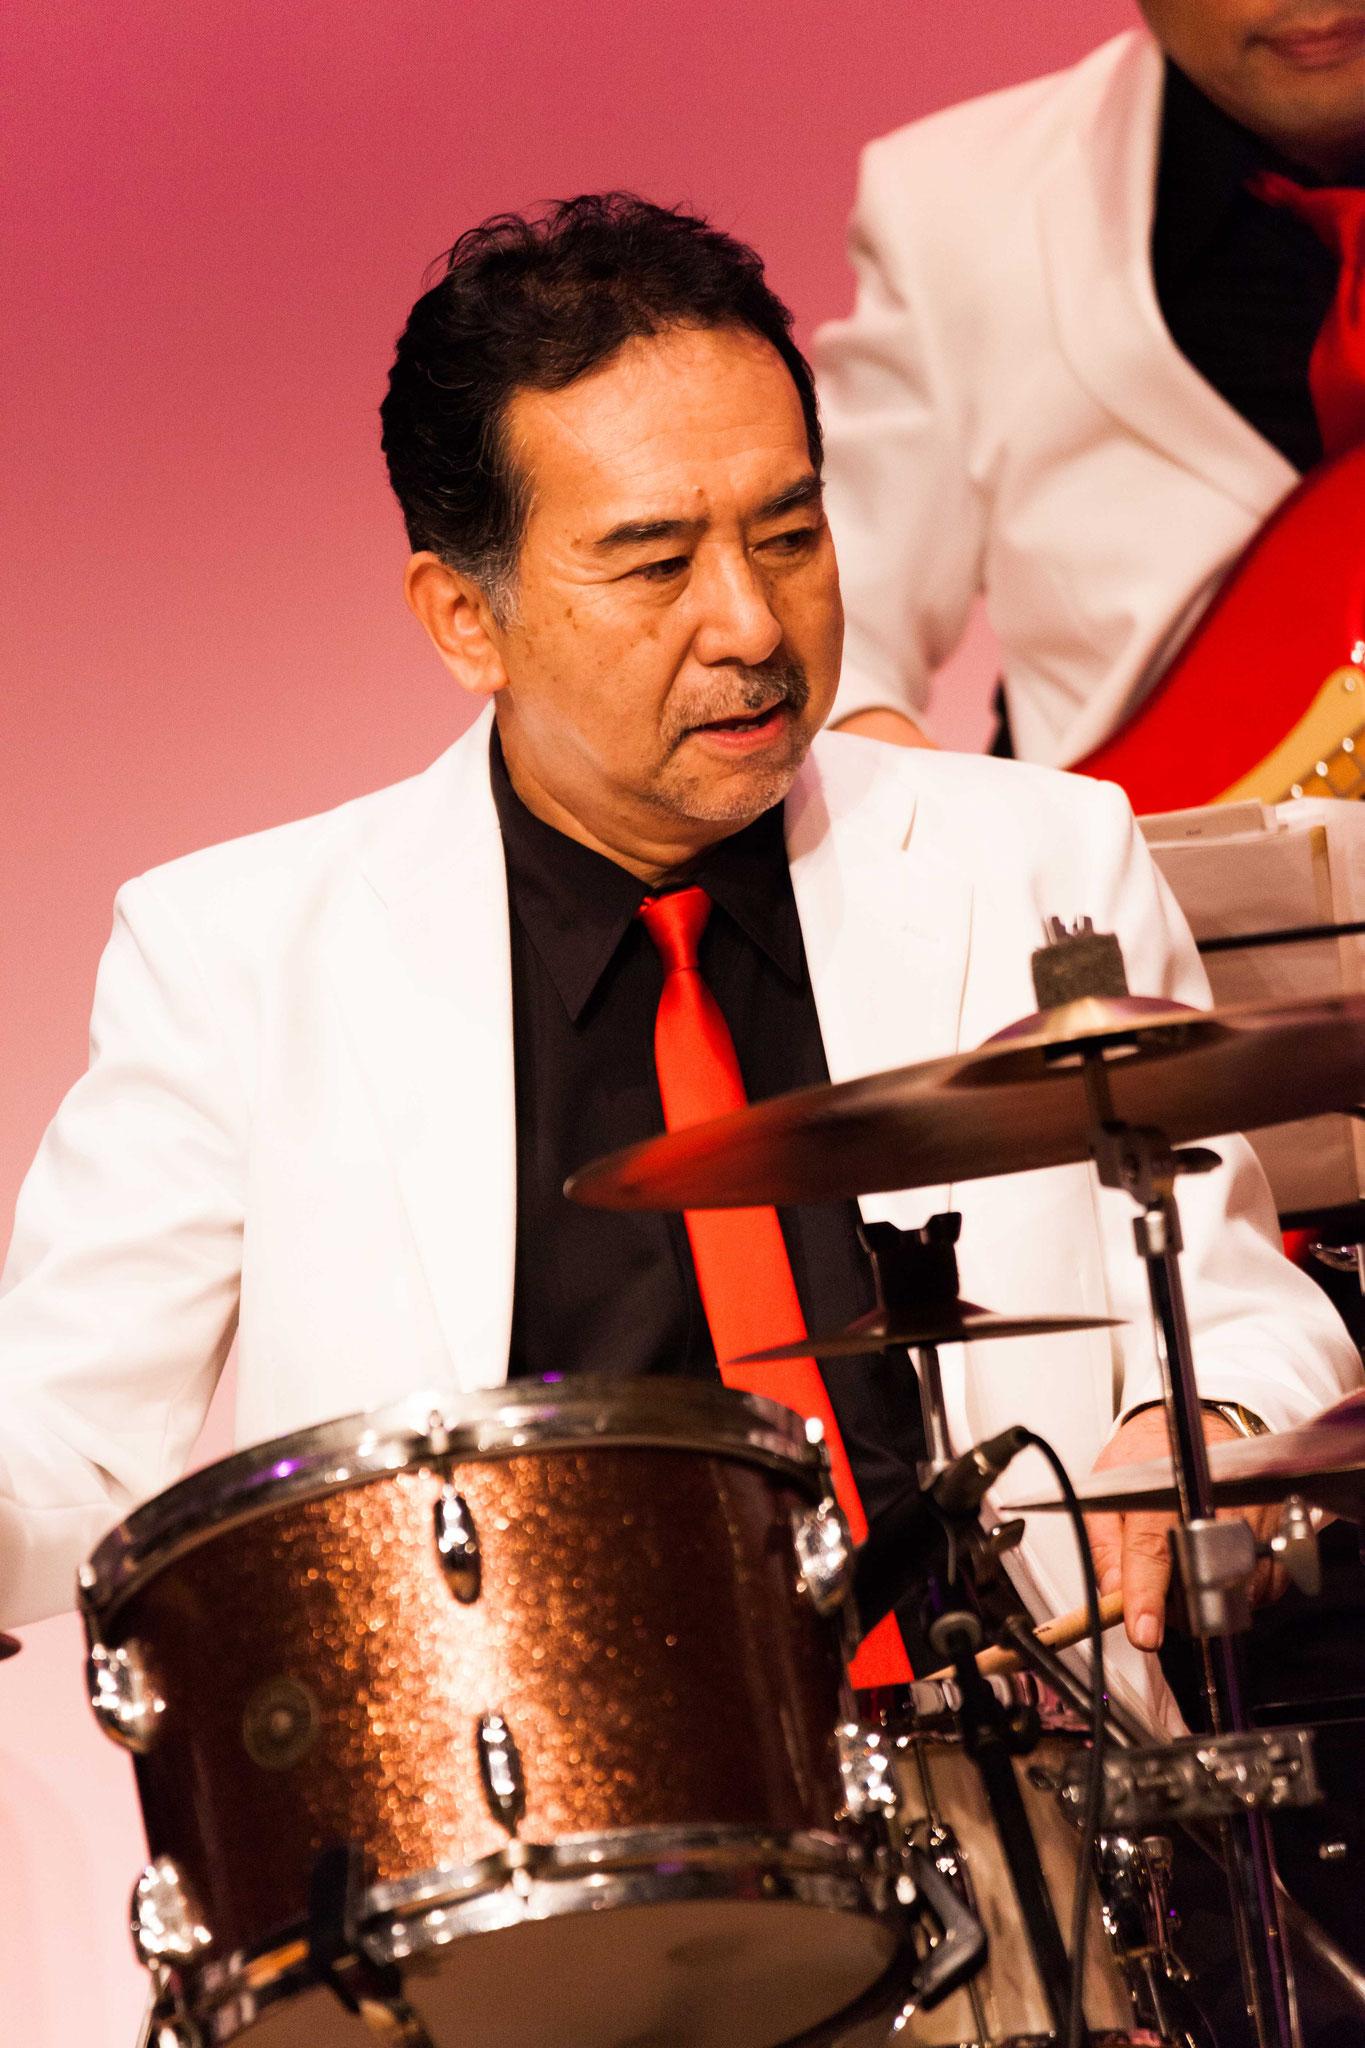 籠利達郎(drums)